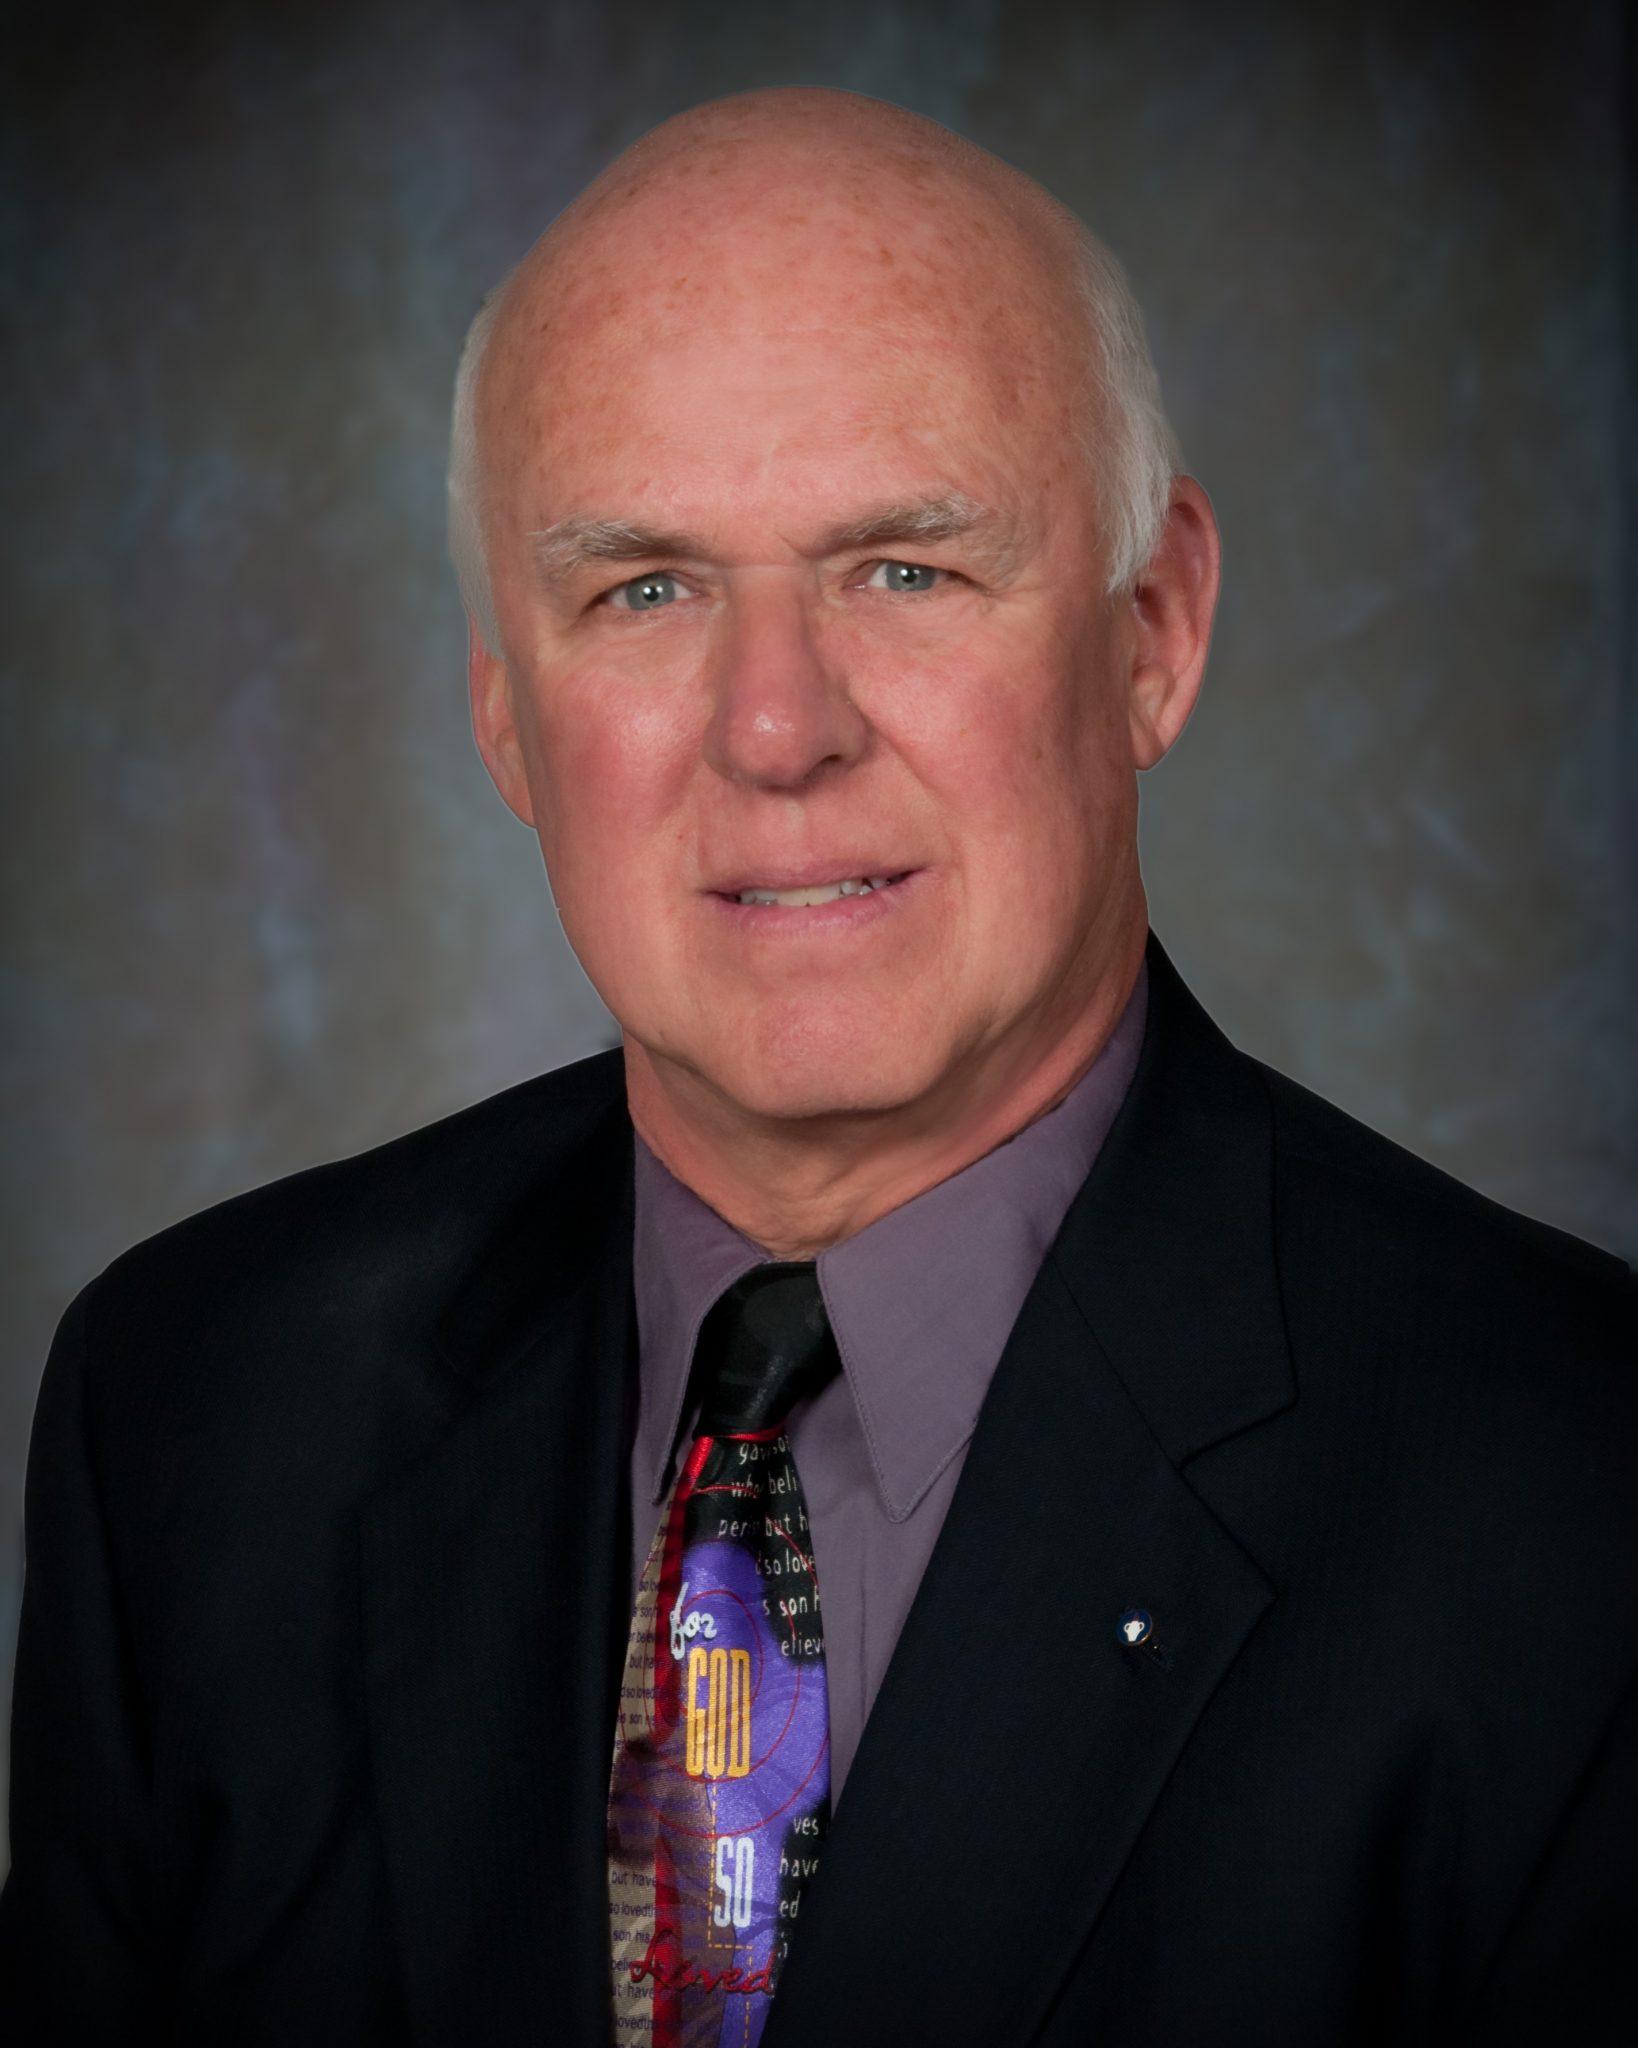 William Bill Derickson